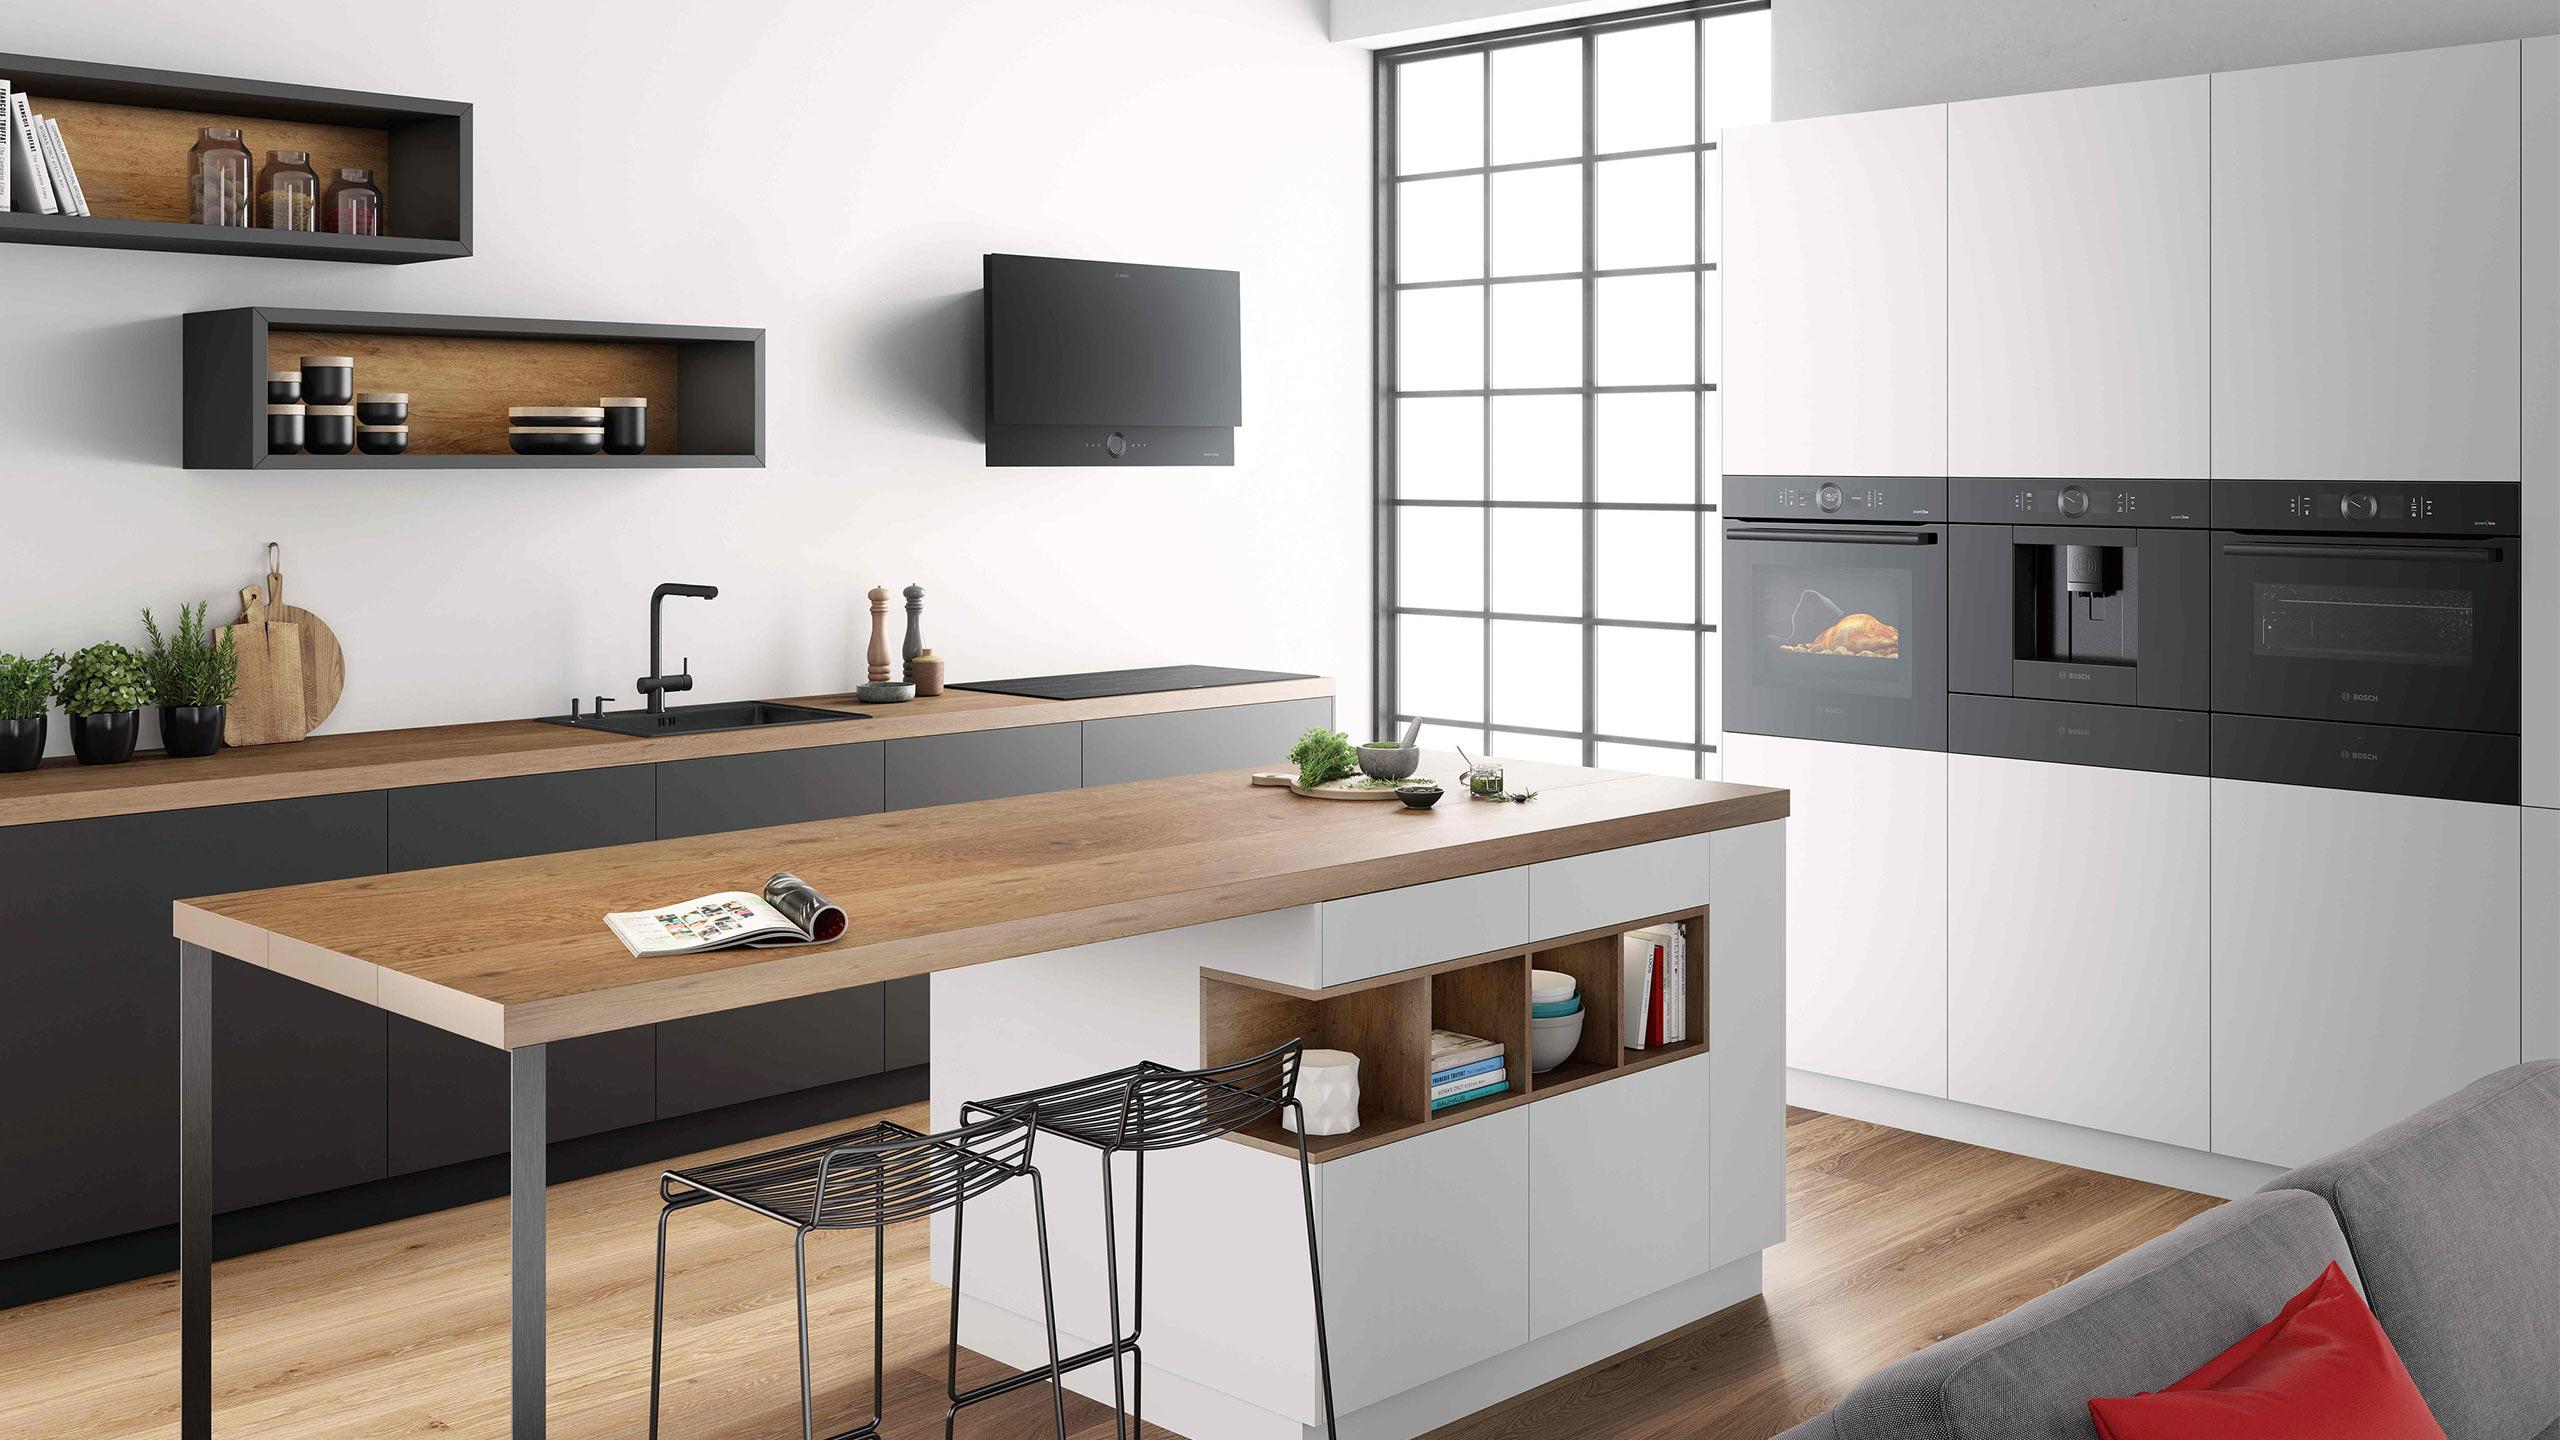 bosch accent line carbon black einbaugeräte header im küchen staude magazin